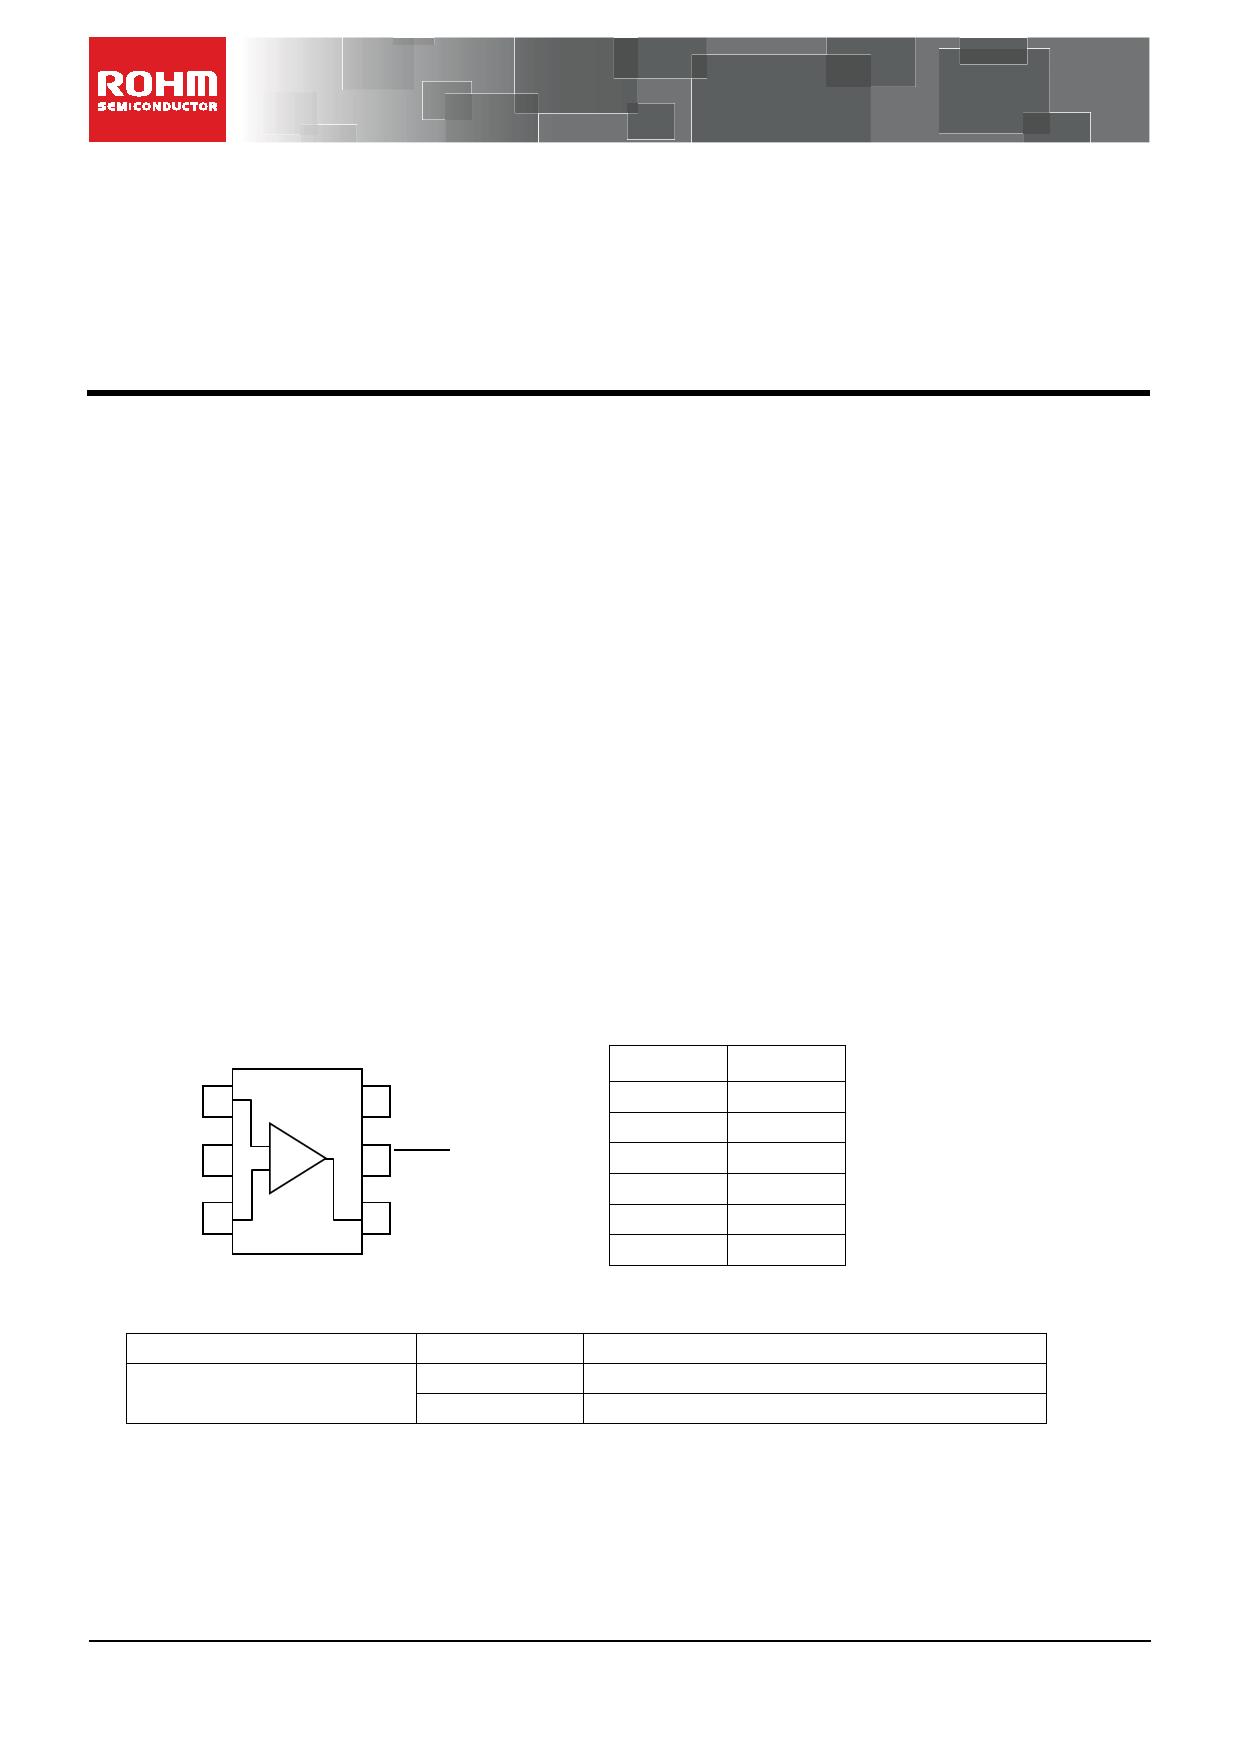 TLR344FJ datasheet, circuit